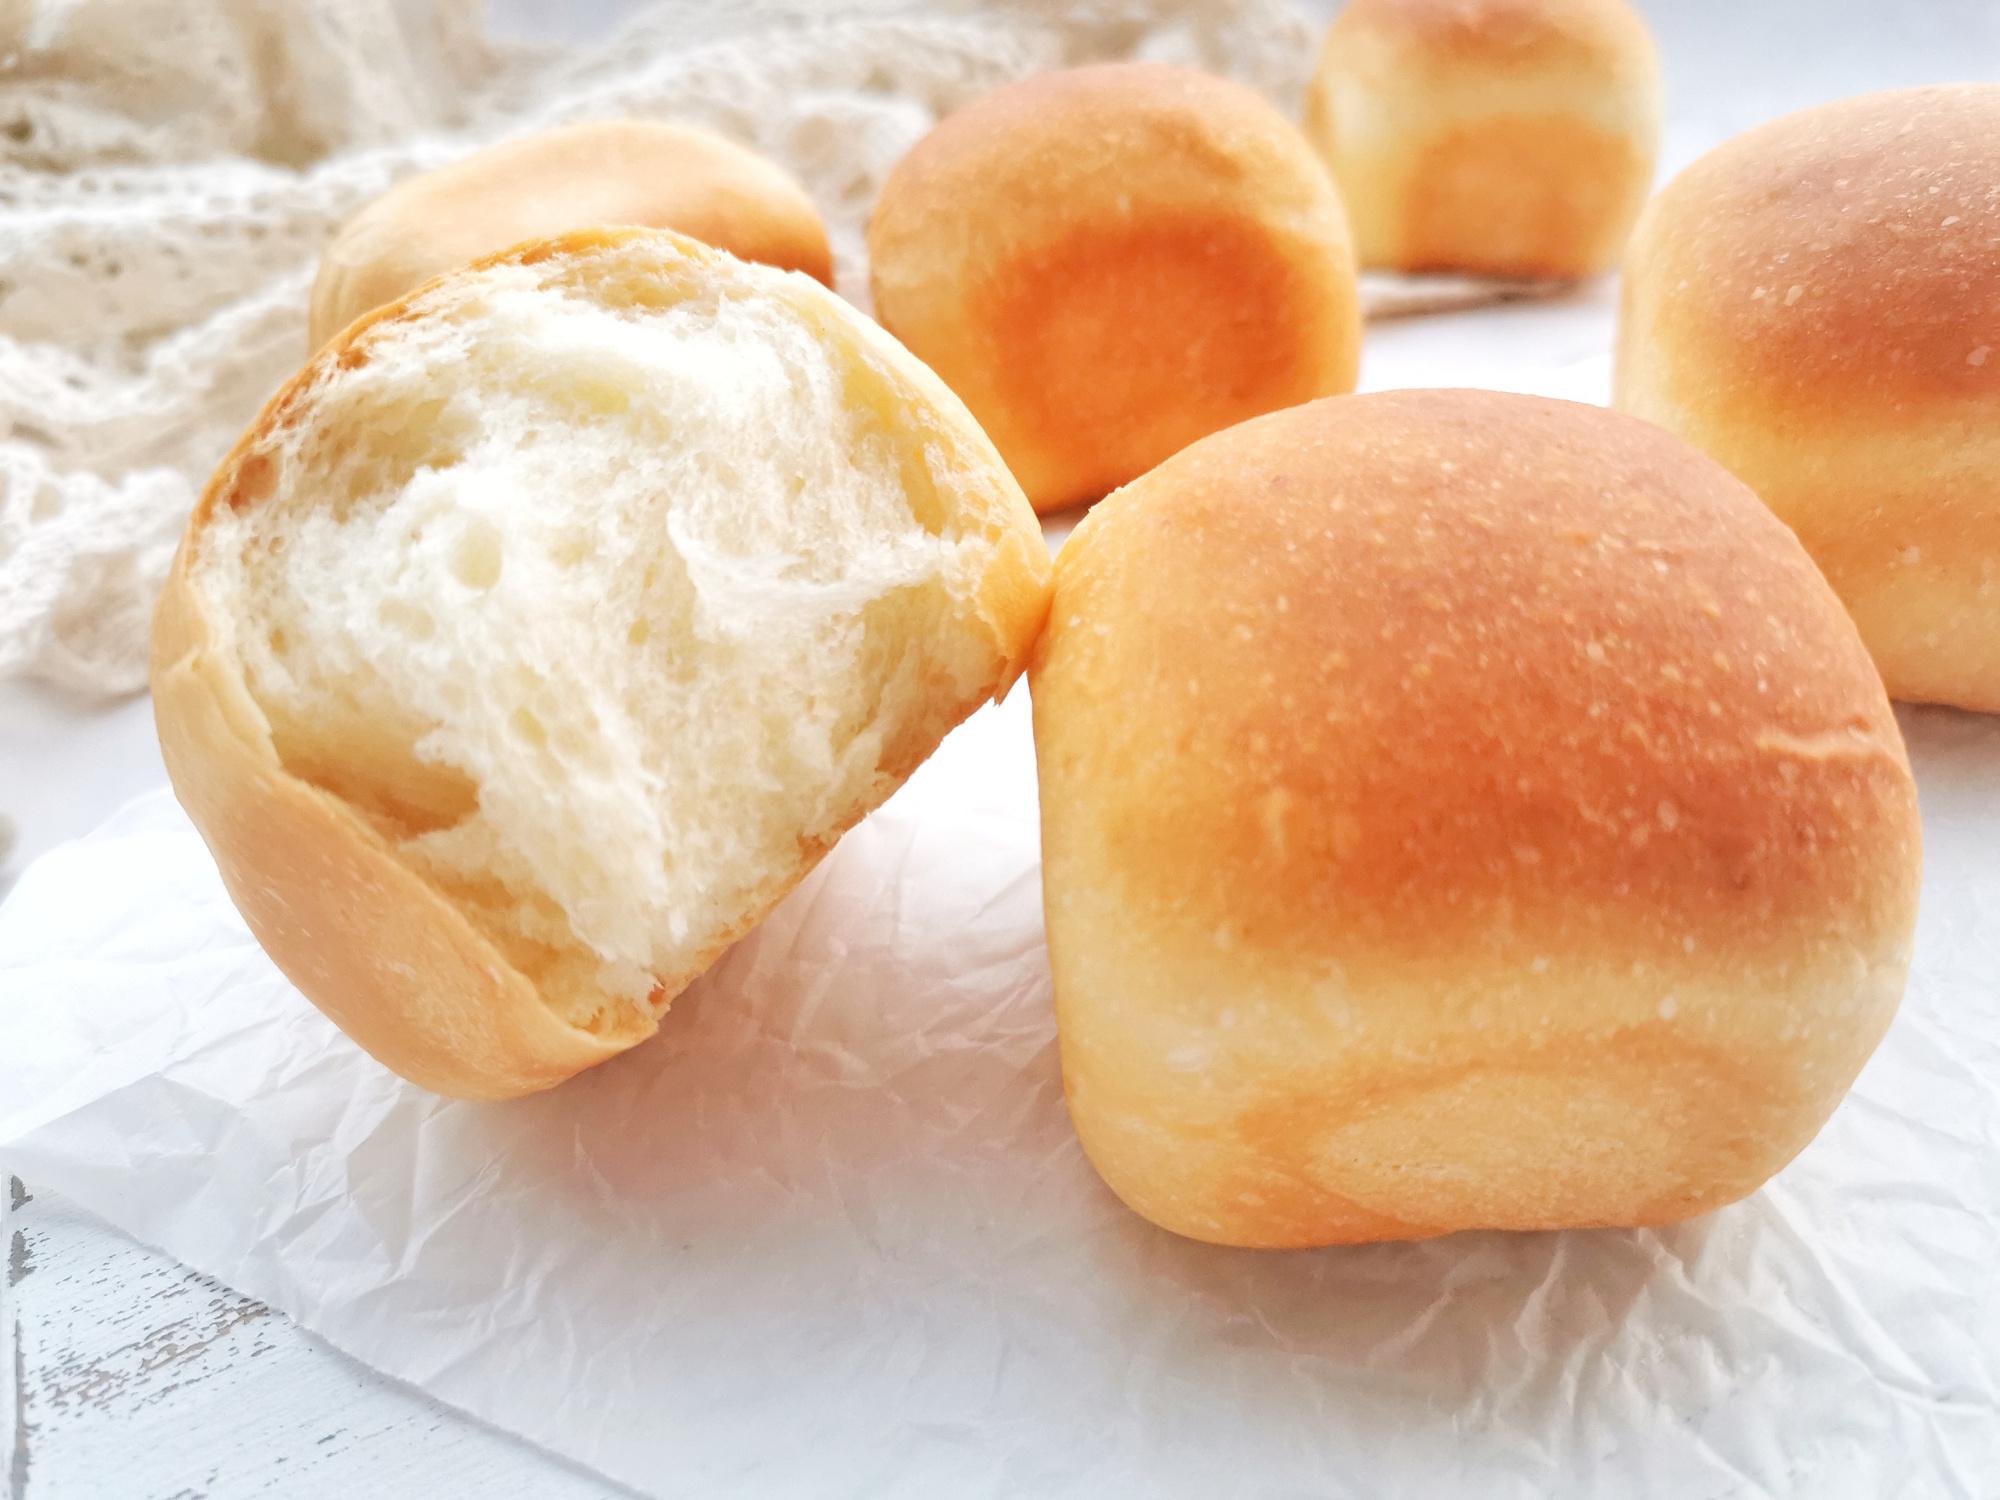 想吃面包不用买,一次发酵做迷你吐司,个个柔软拉丝,奶香味十足